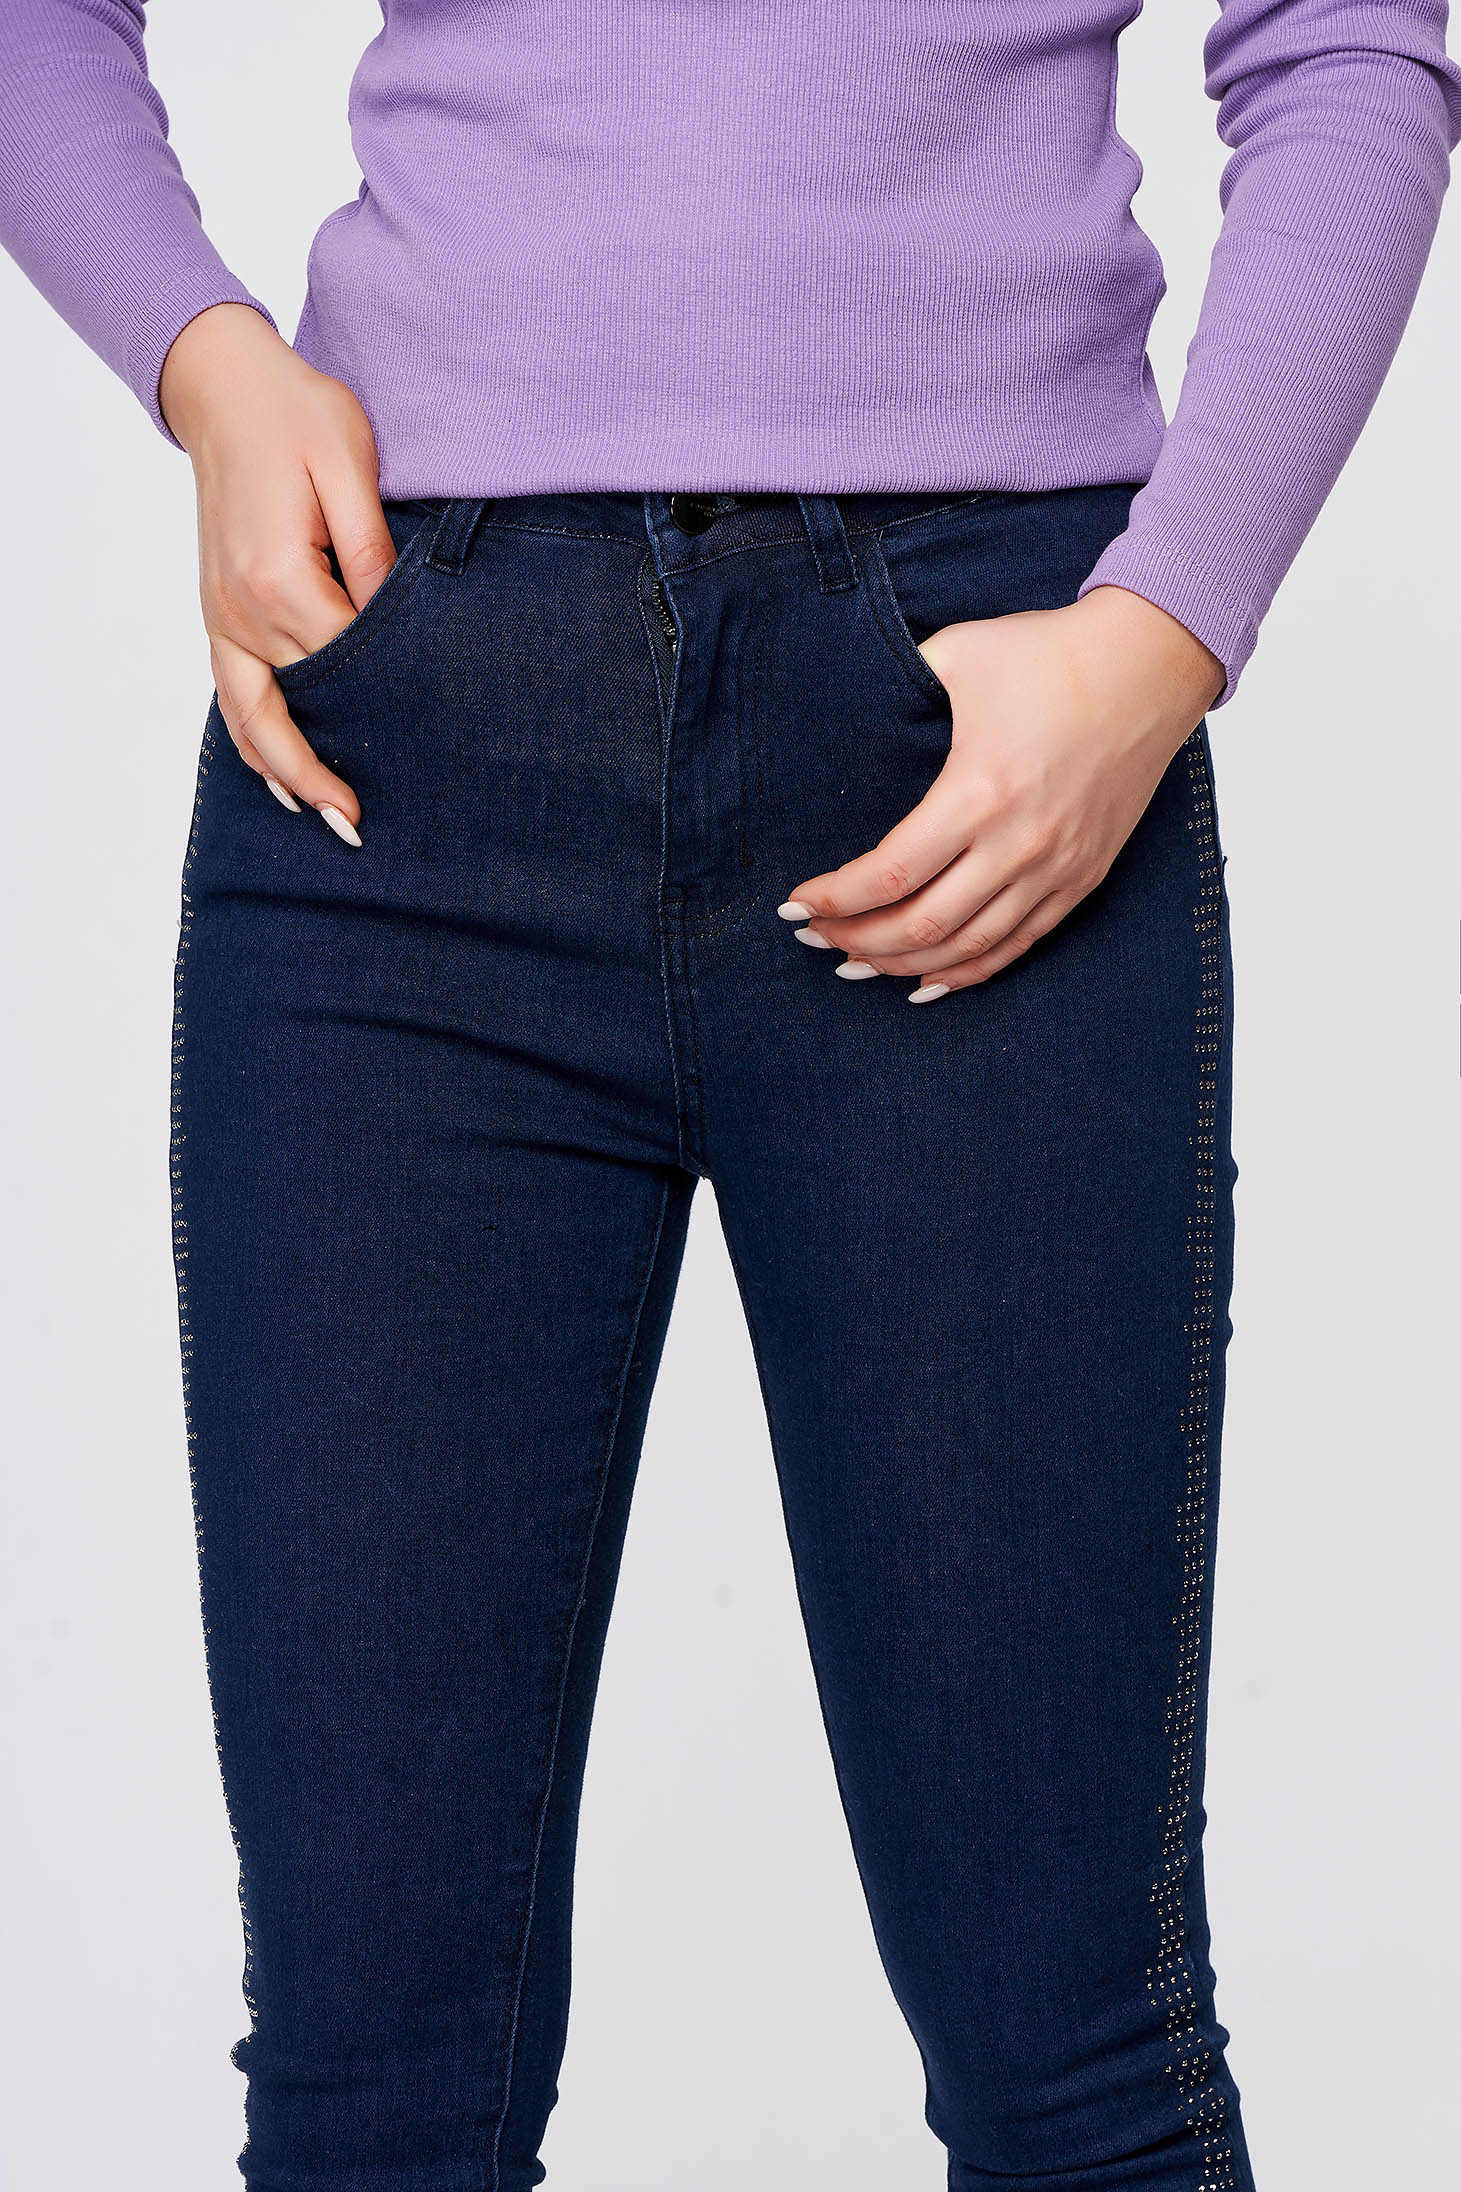 Blugi Top Secret albastru-inchis casual skinny cu talie medie din bumbac usor elastic